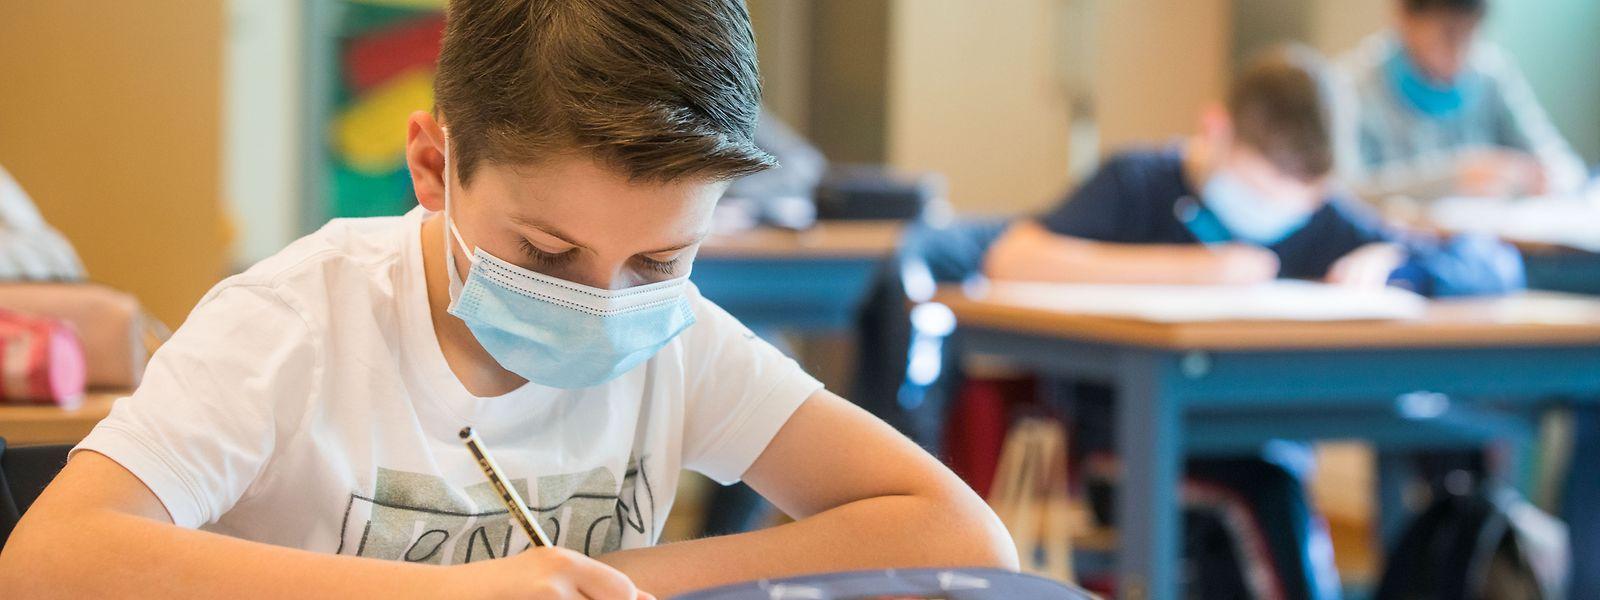 Abgesehen von der Zusammenlegung der Gruppen soll sich nichts ändern. Das bedeutet, dass die Schüler in der Klasse keinen Mundschutz tragen müssen, auch wenn der Abstand weniger als zwei Meter ist.